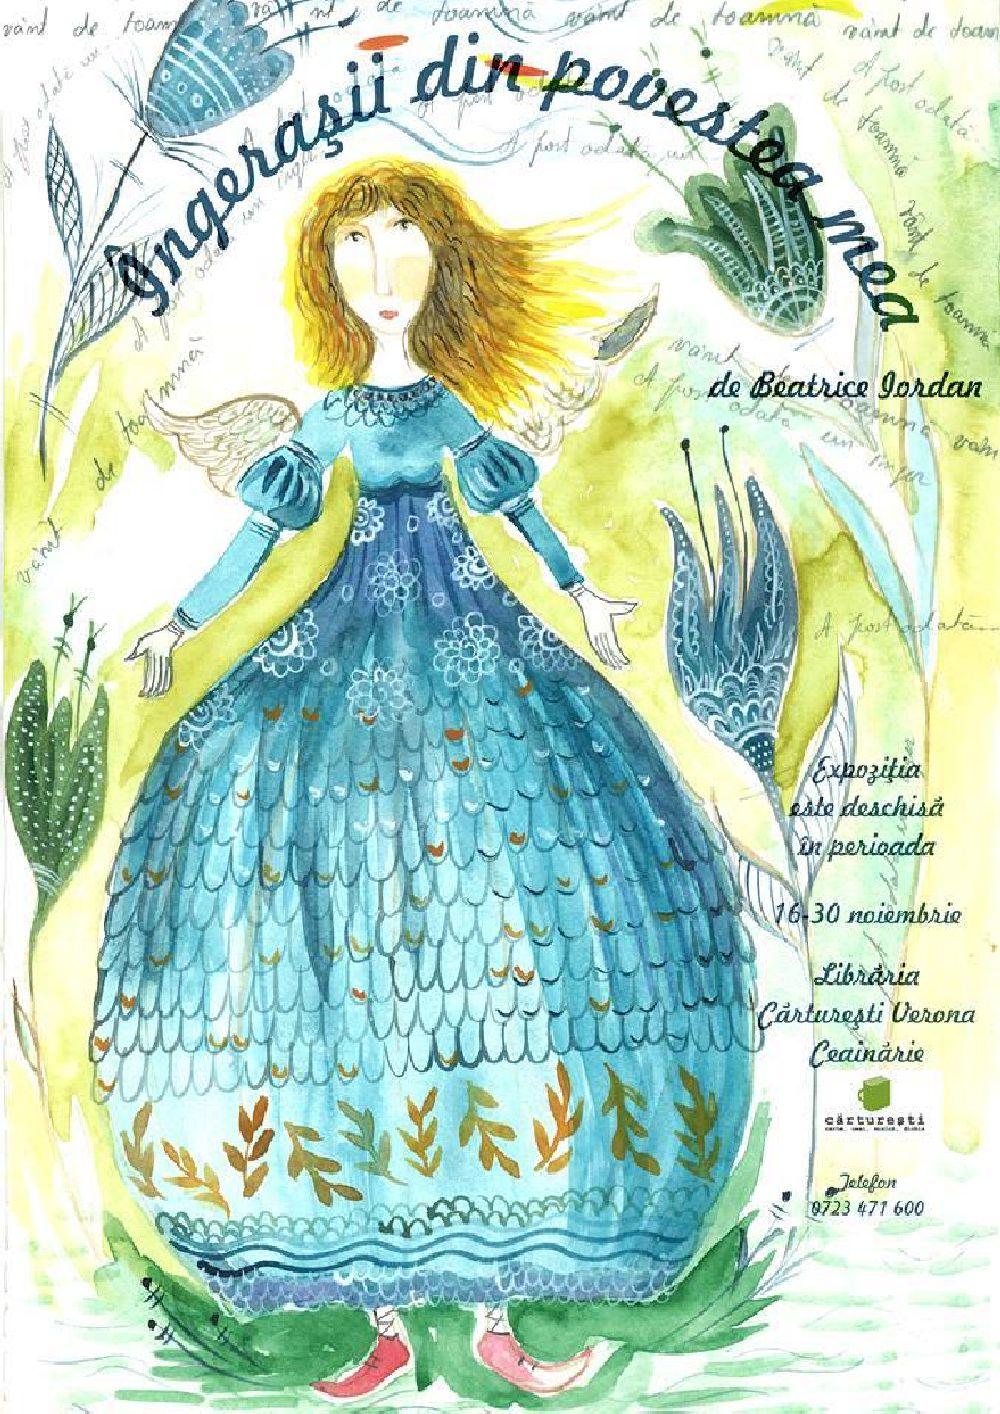 adelaparvu.com despre expozitia Ingerasii din povestea mea, Carturesti Verona, artist Beatrice Iordan (1)